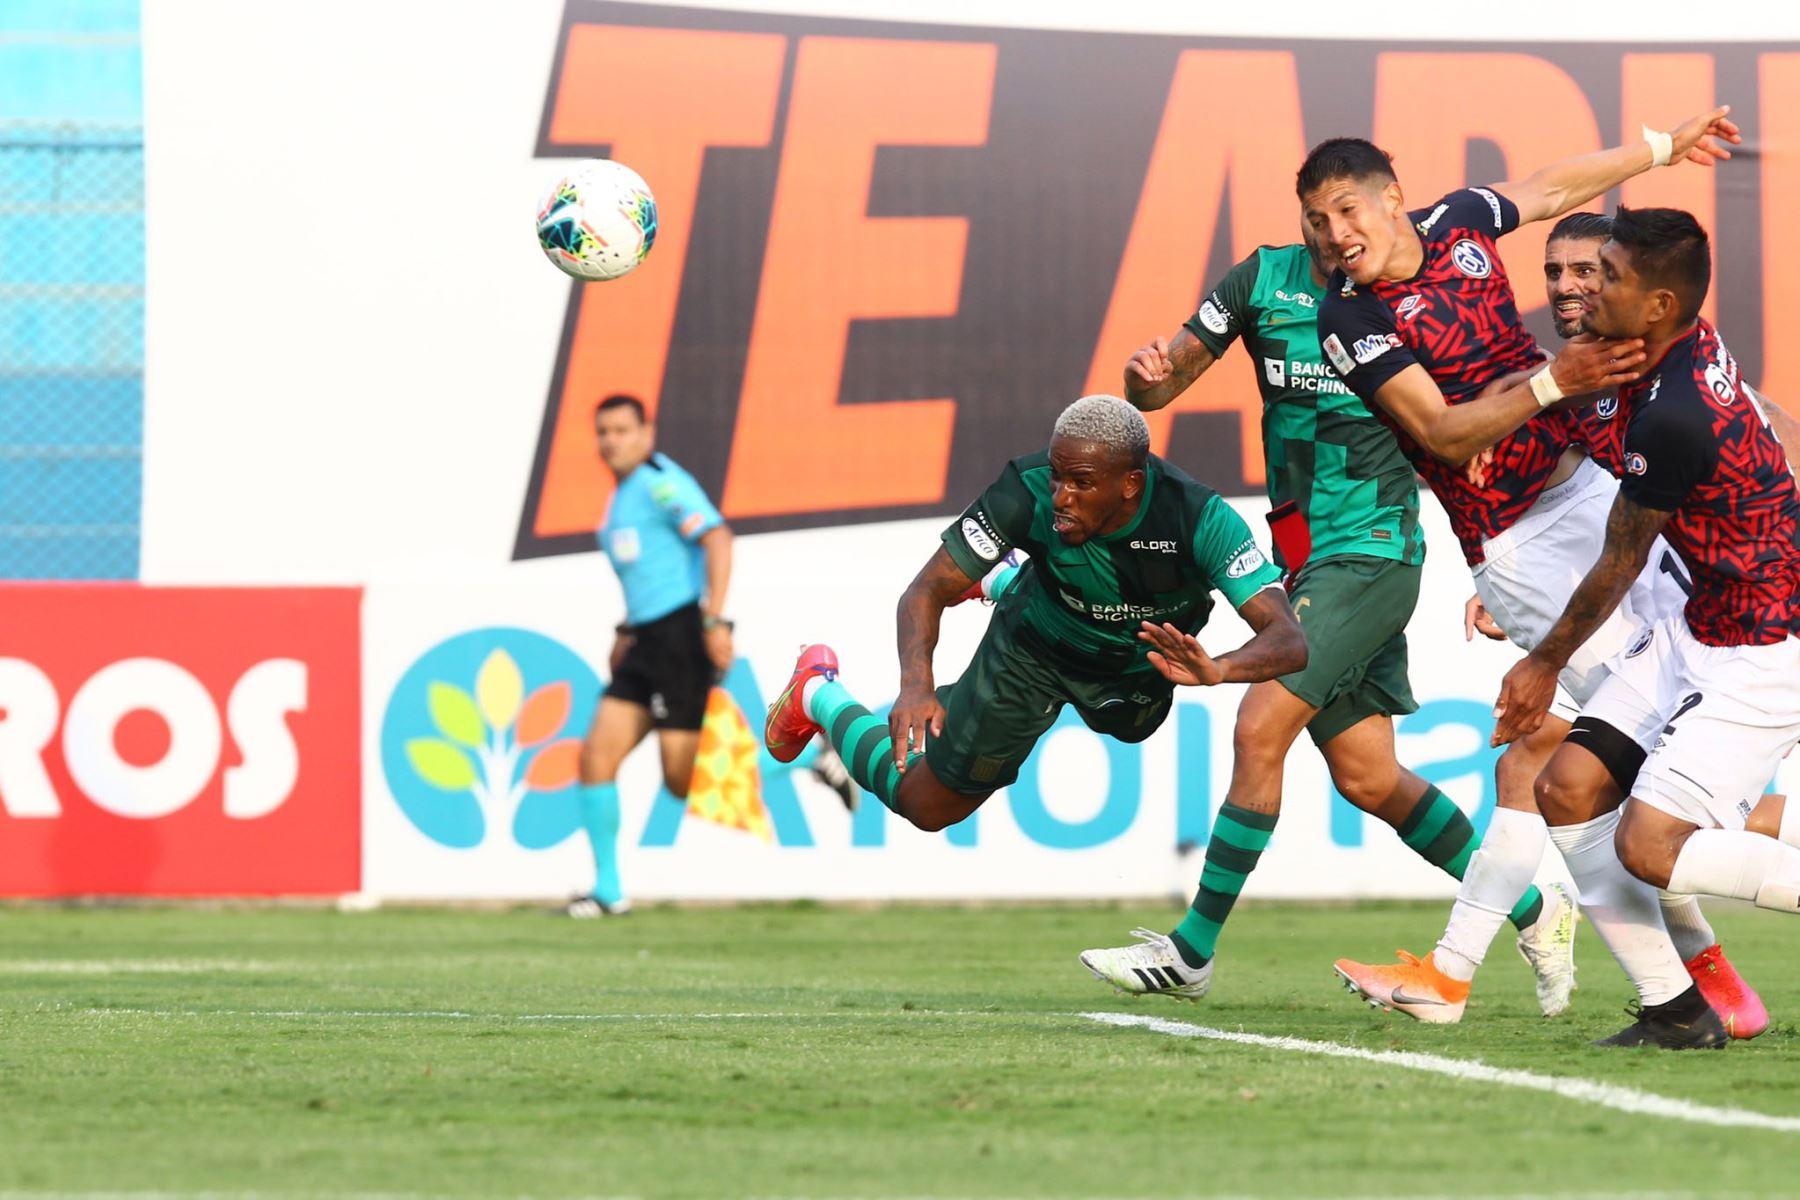 Celebración de Jefferson Farfán de Alianza Lima quien anota un gol  ante Deportivo Municipal en el estadio Alberto Gallardo.  Foto: Liga1FPF